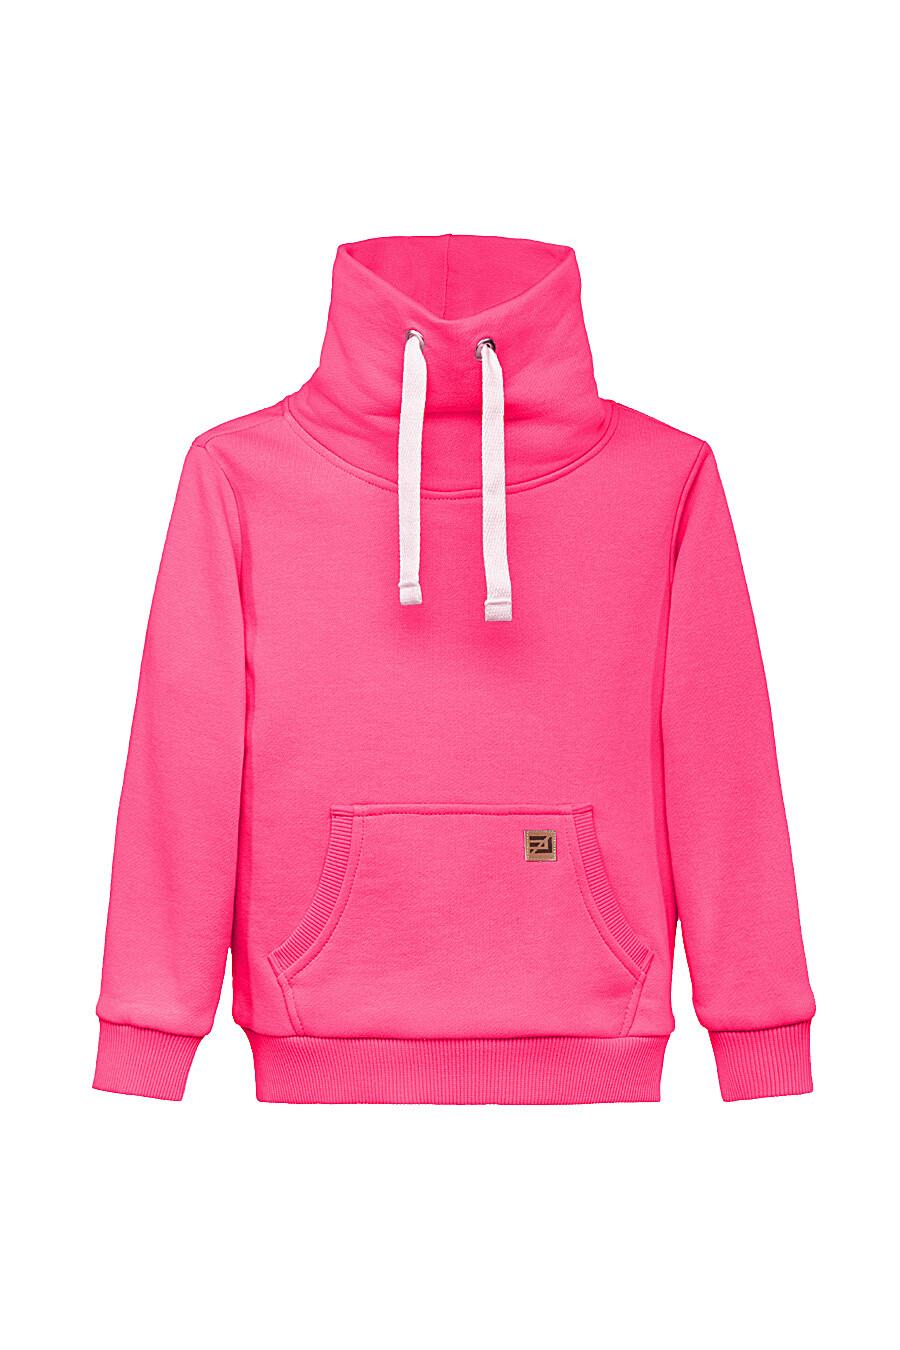 Костюм(Худи+Брюки) для девочек EZANNA 668032 купить оптом от производителя. Совместная покупка детской одежды в OptMoyo